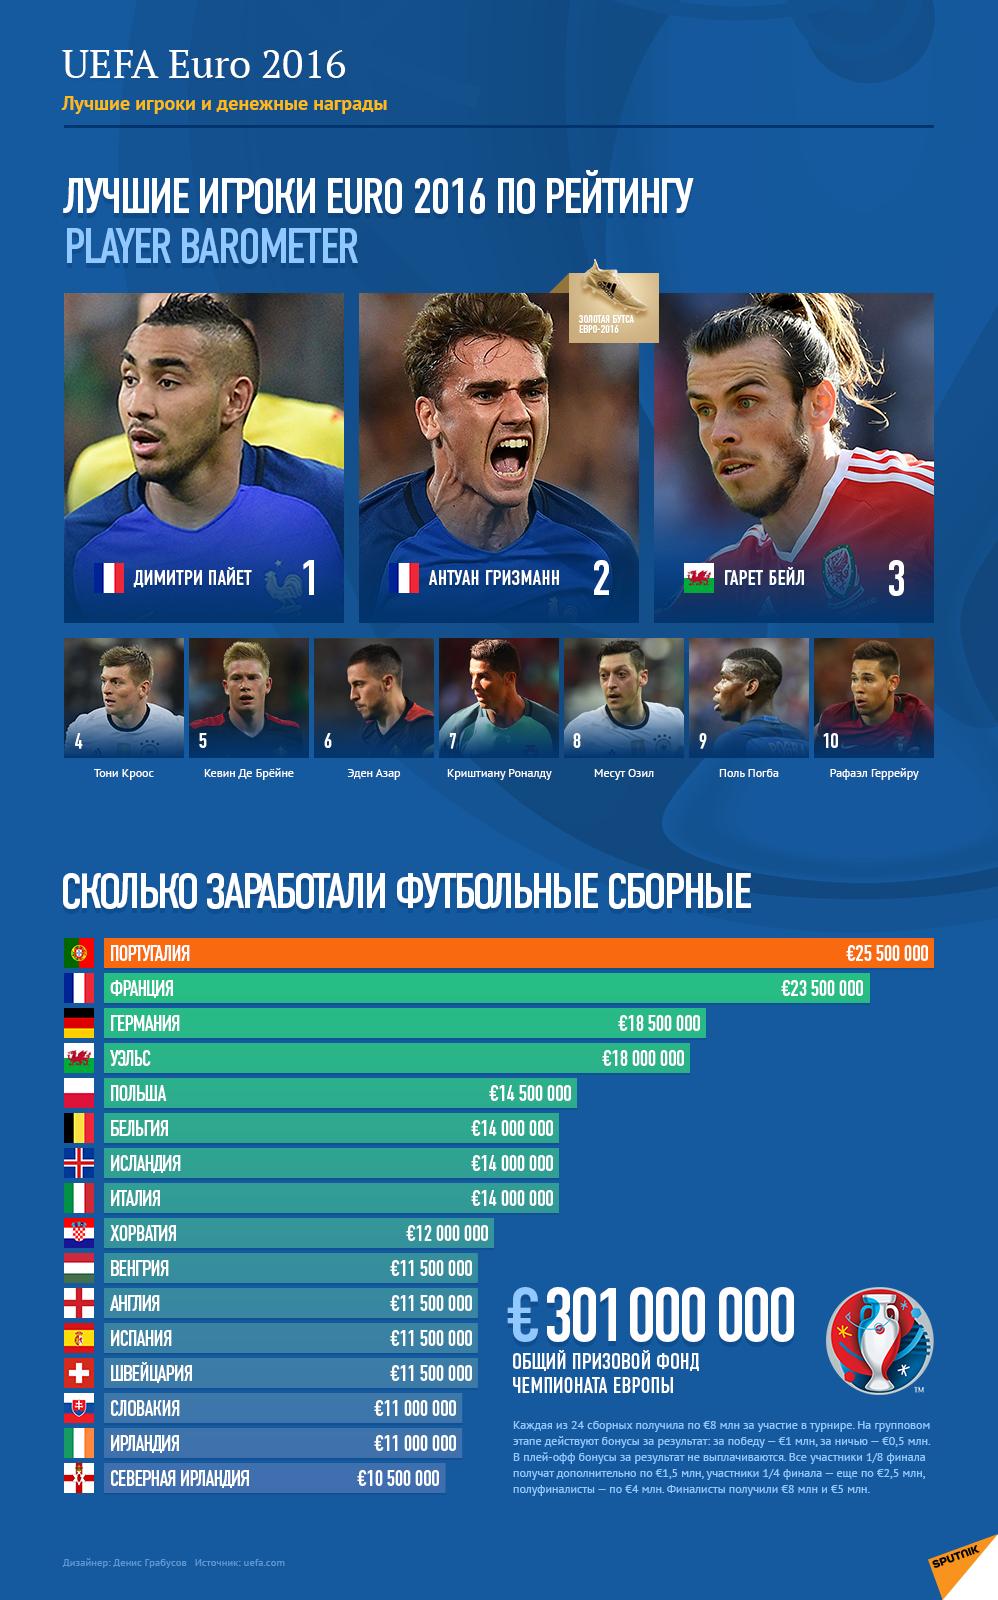 Лучшие игроки и размеры денежных премий Евро-2016